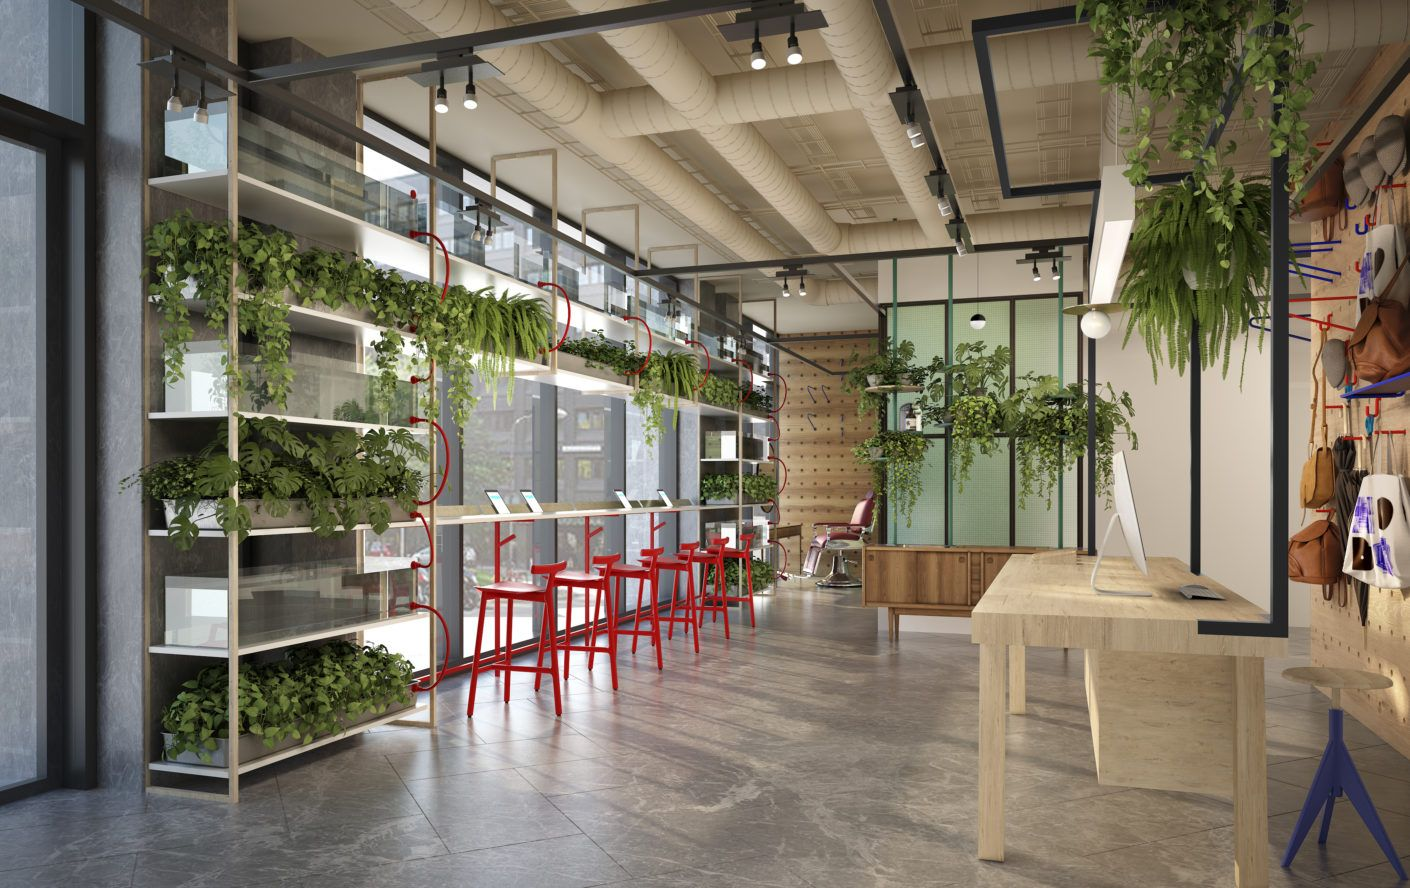 Das hobo hotel in stockholm gestaltet von werner aissli for Designhotel stockholm